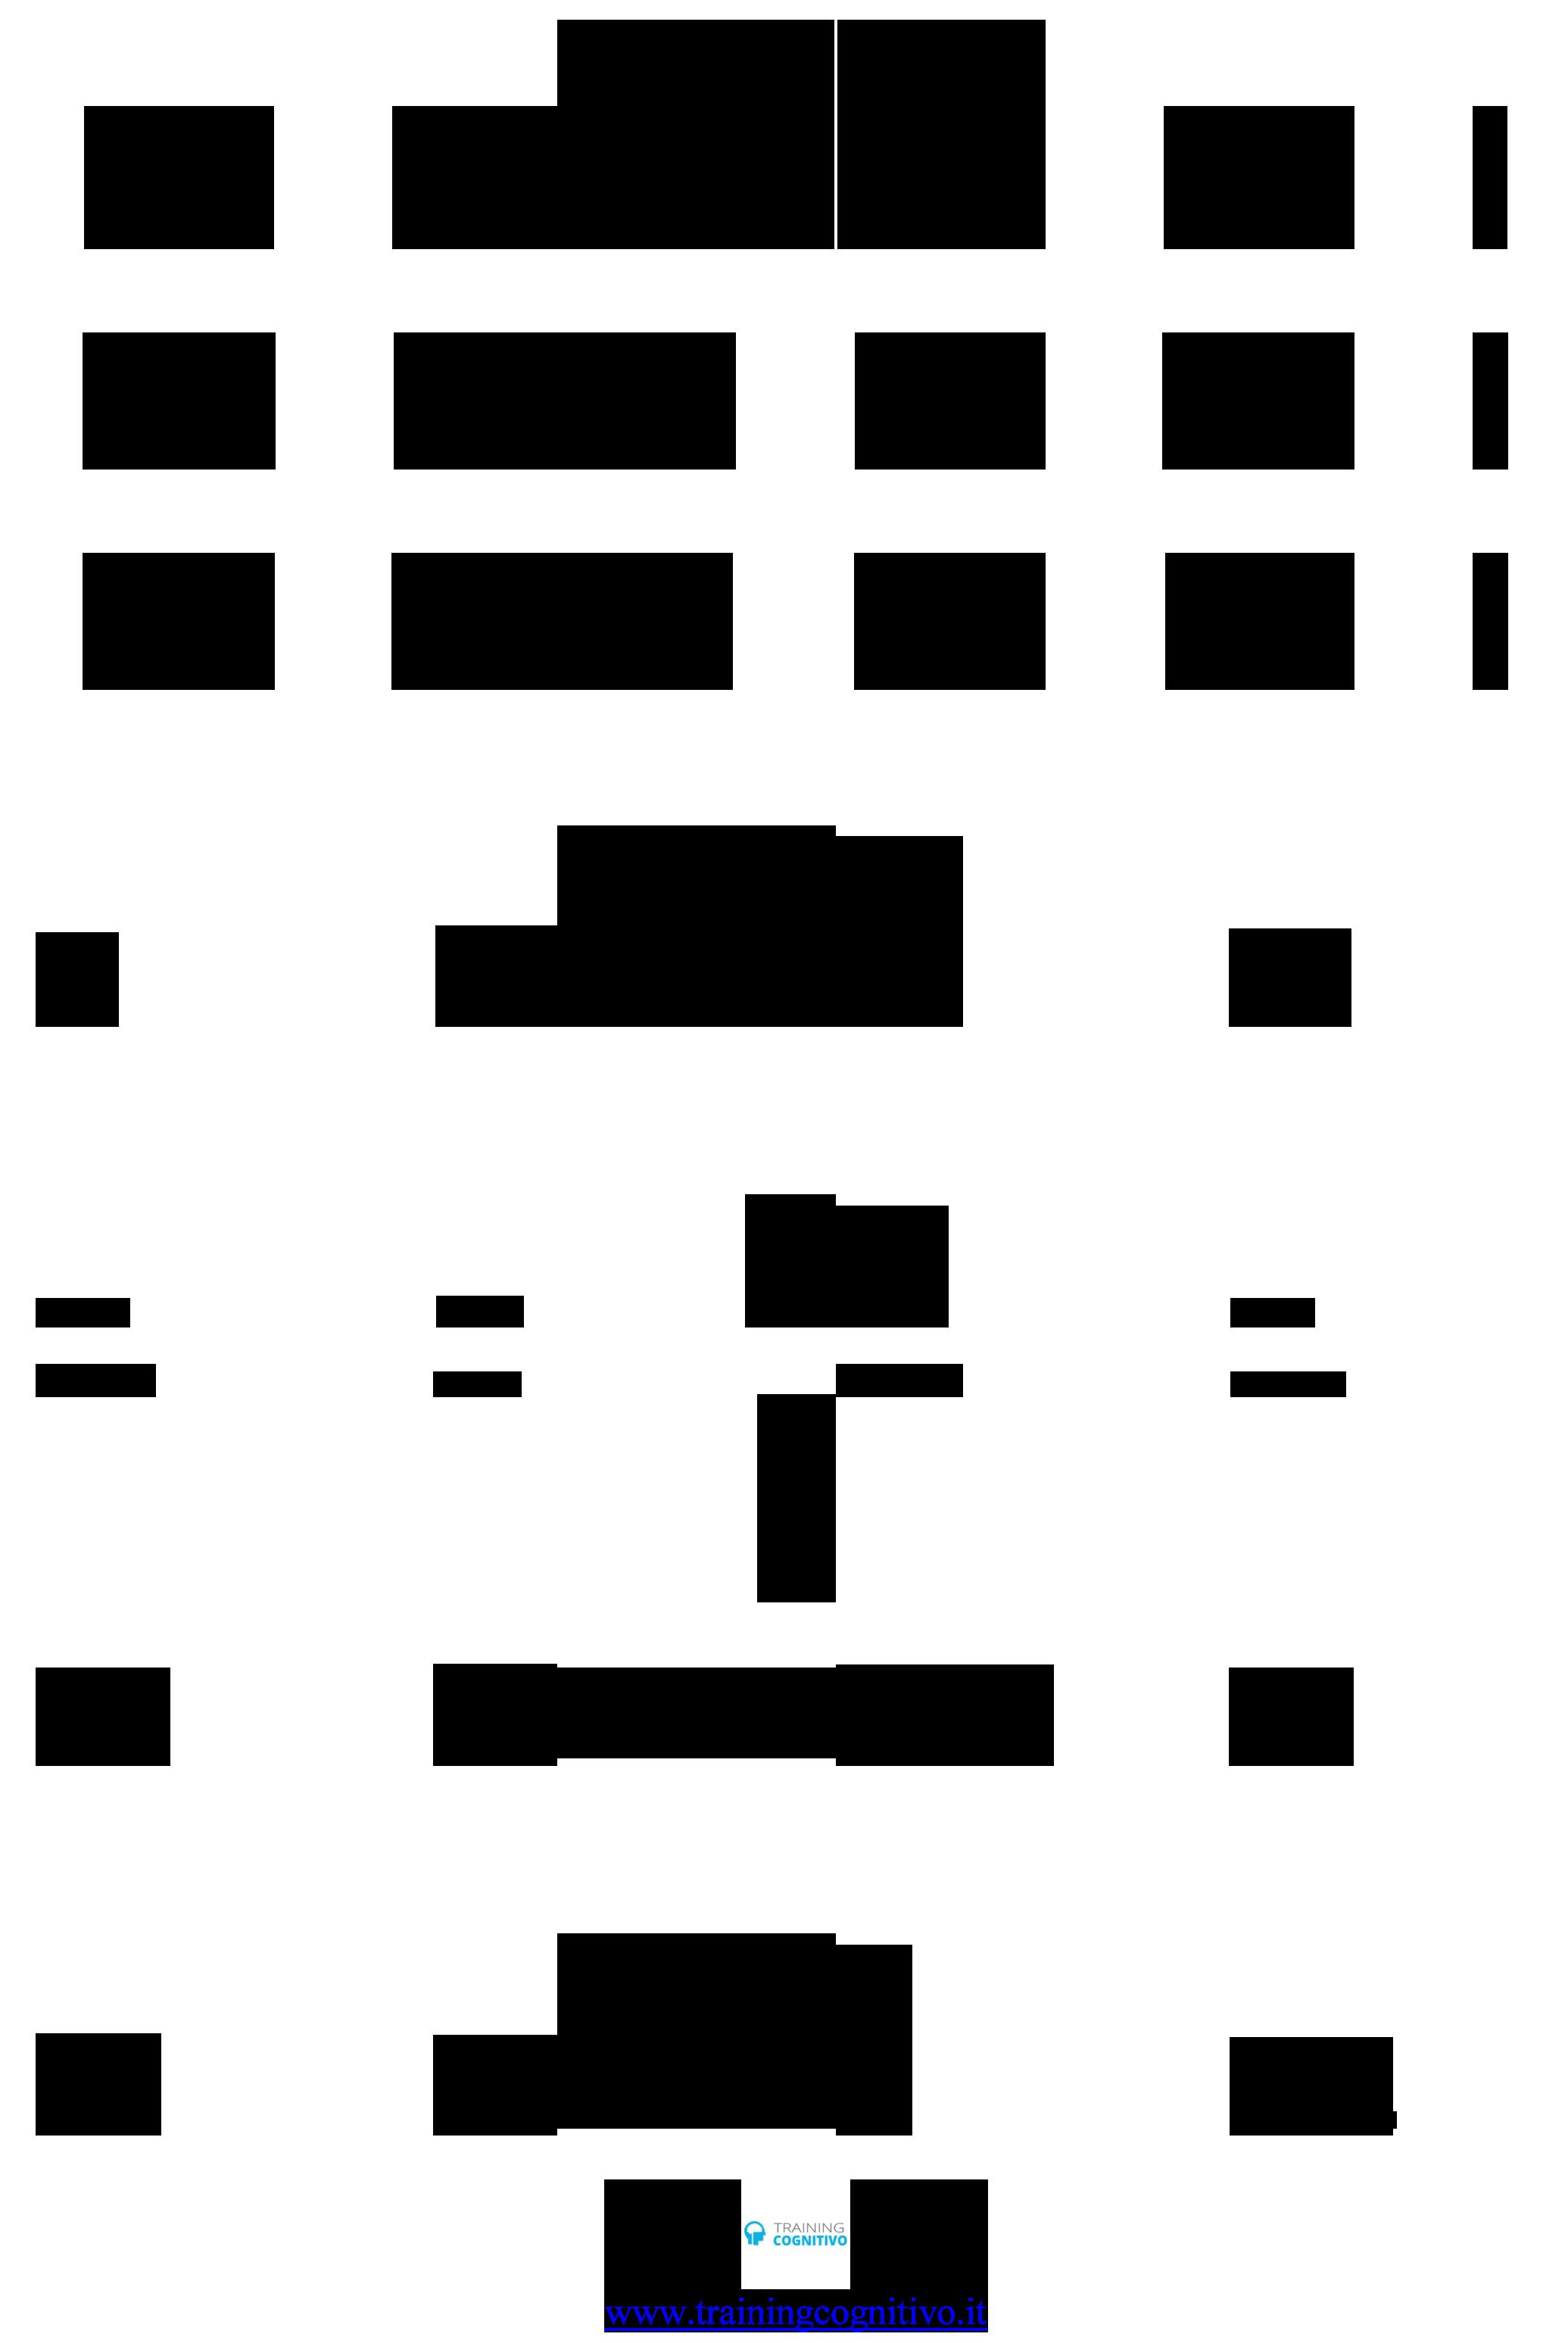 Schede gratuite su lettere e suoni simili b d p b f v for Suoni difficili schede didattiche